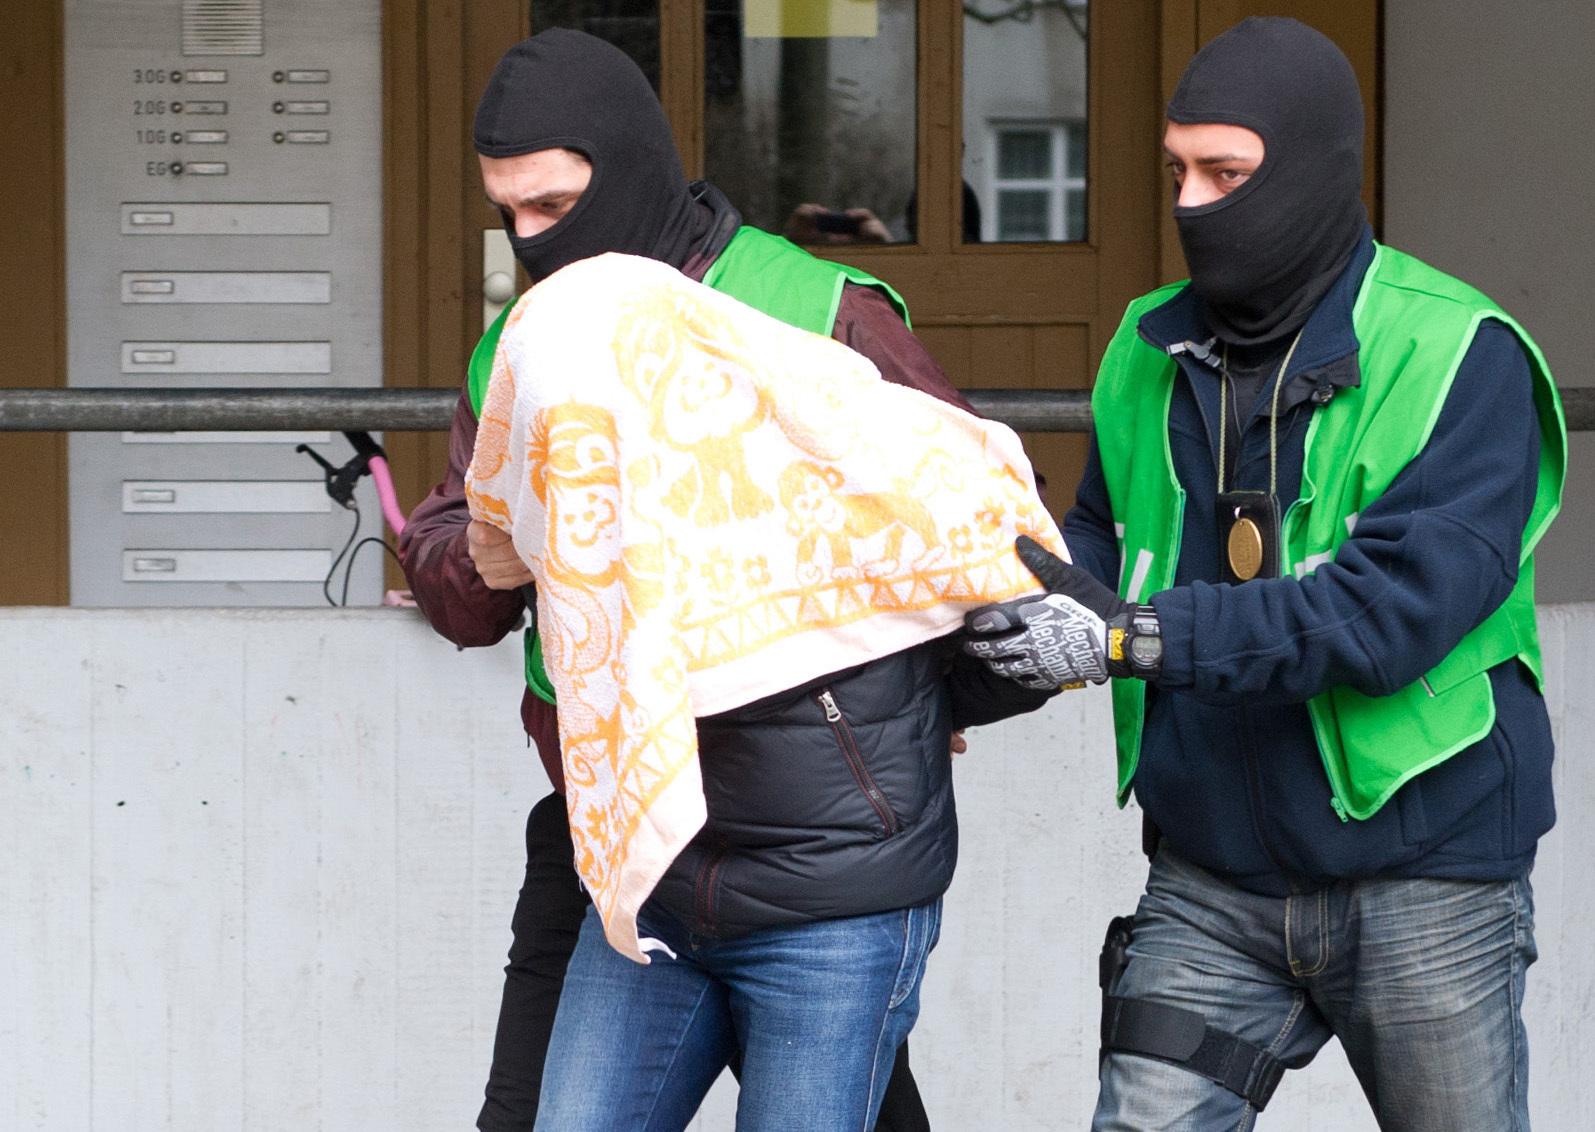 Polizisten führen einen mutmaßlichen Islamisten ab: Nach dem Willen der AfD sollen islamistische Gefährder in Präventivgewahrsam genommen werden (Archivbild) Foto: (c) dpa